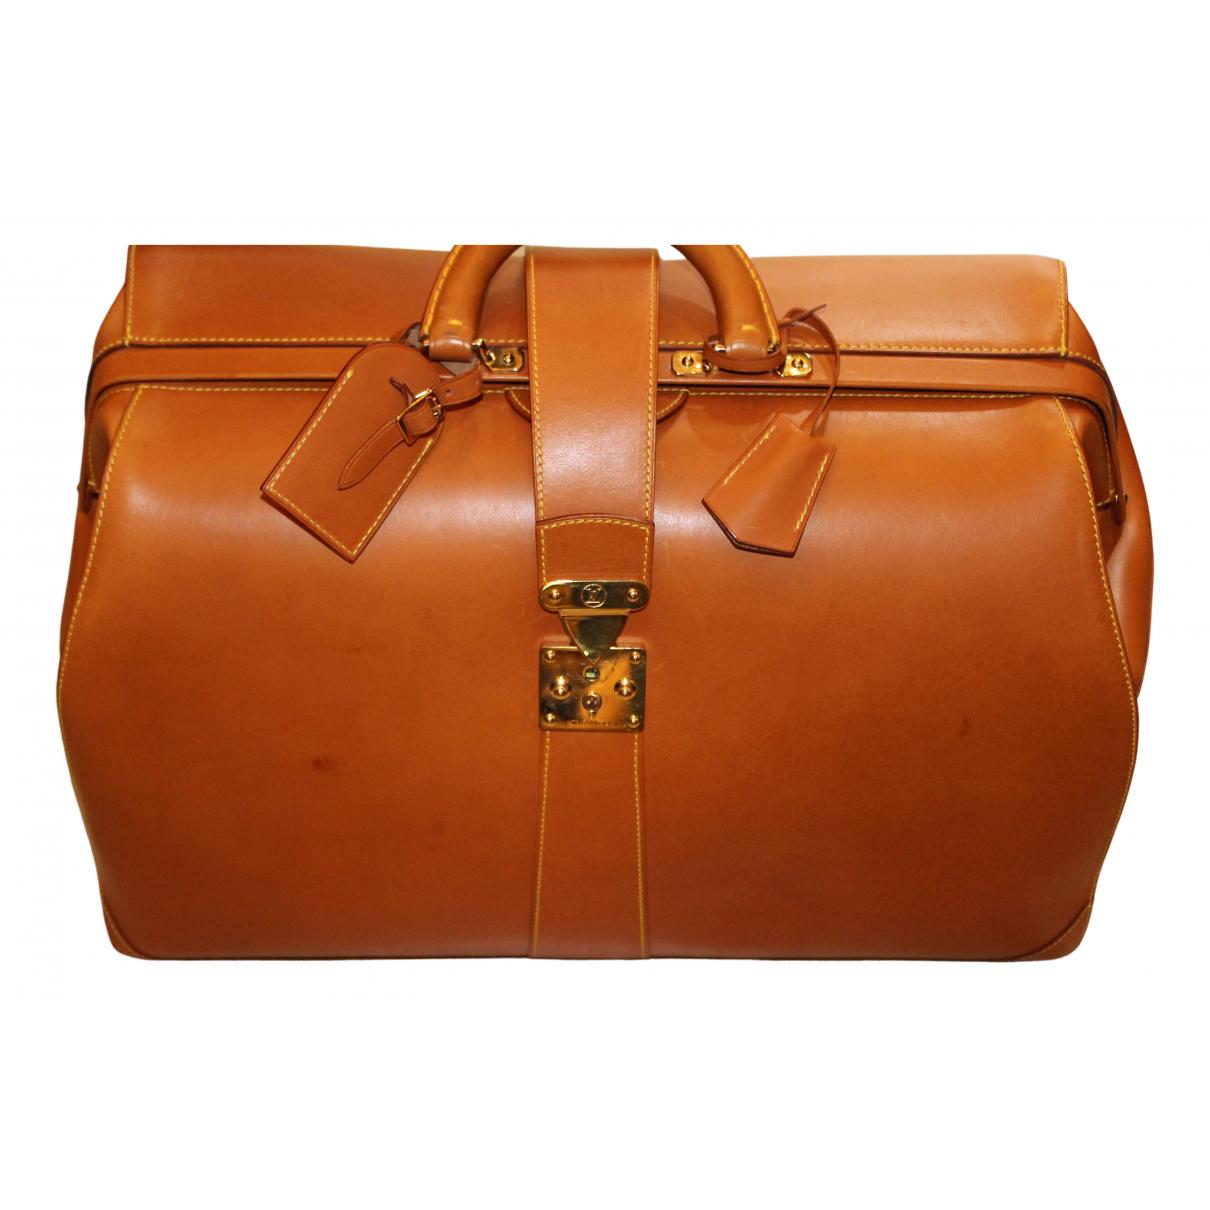 Louis Vuitton - Sac de voyage   pour femme en cuir - beige